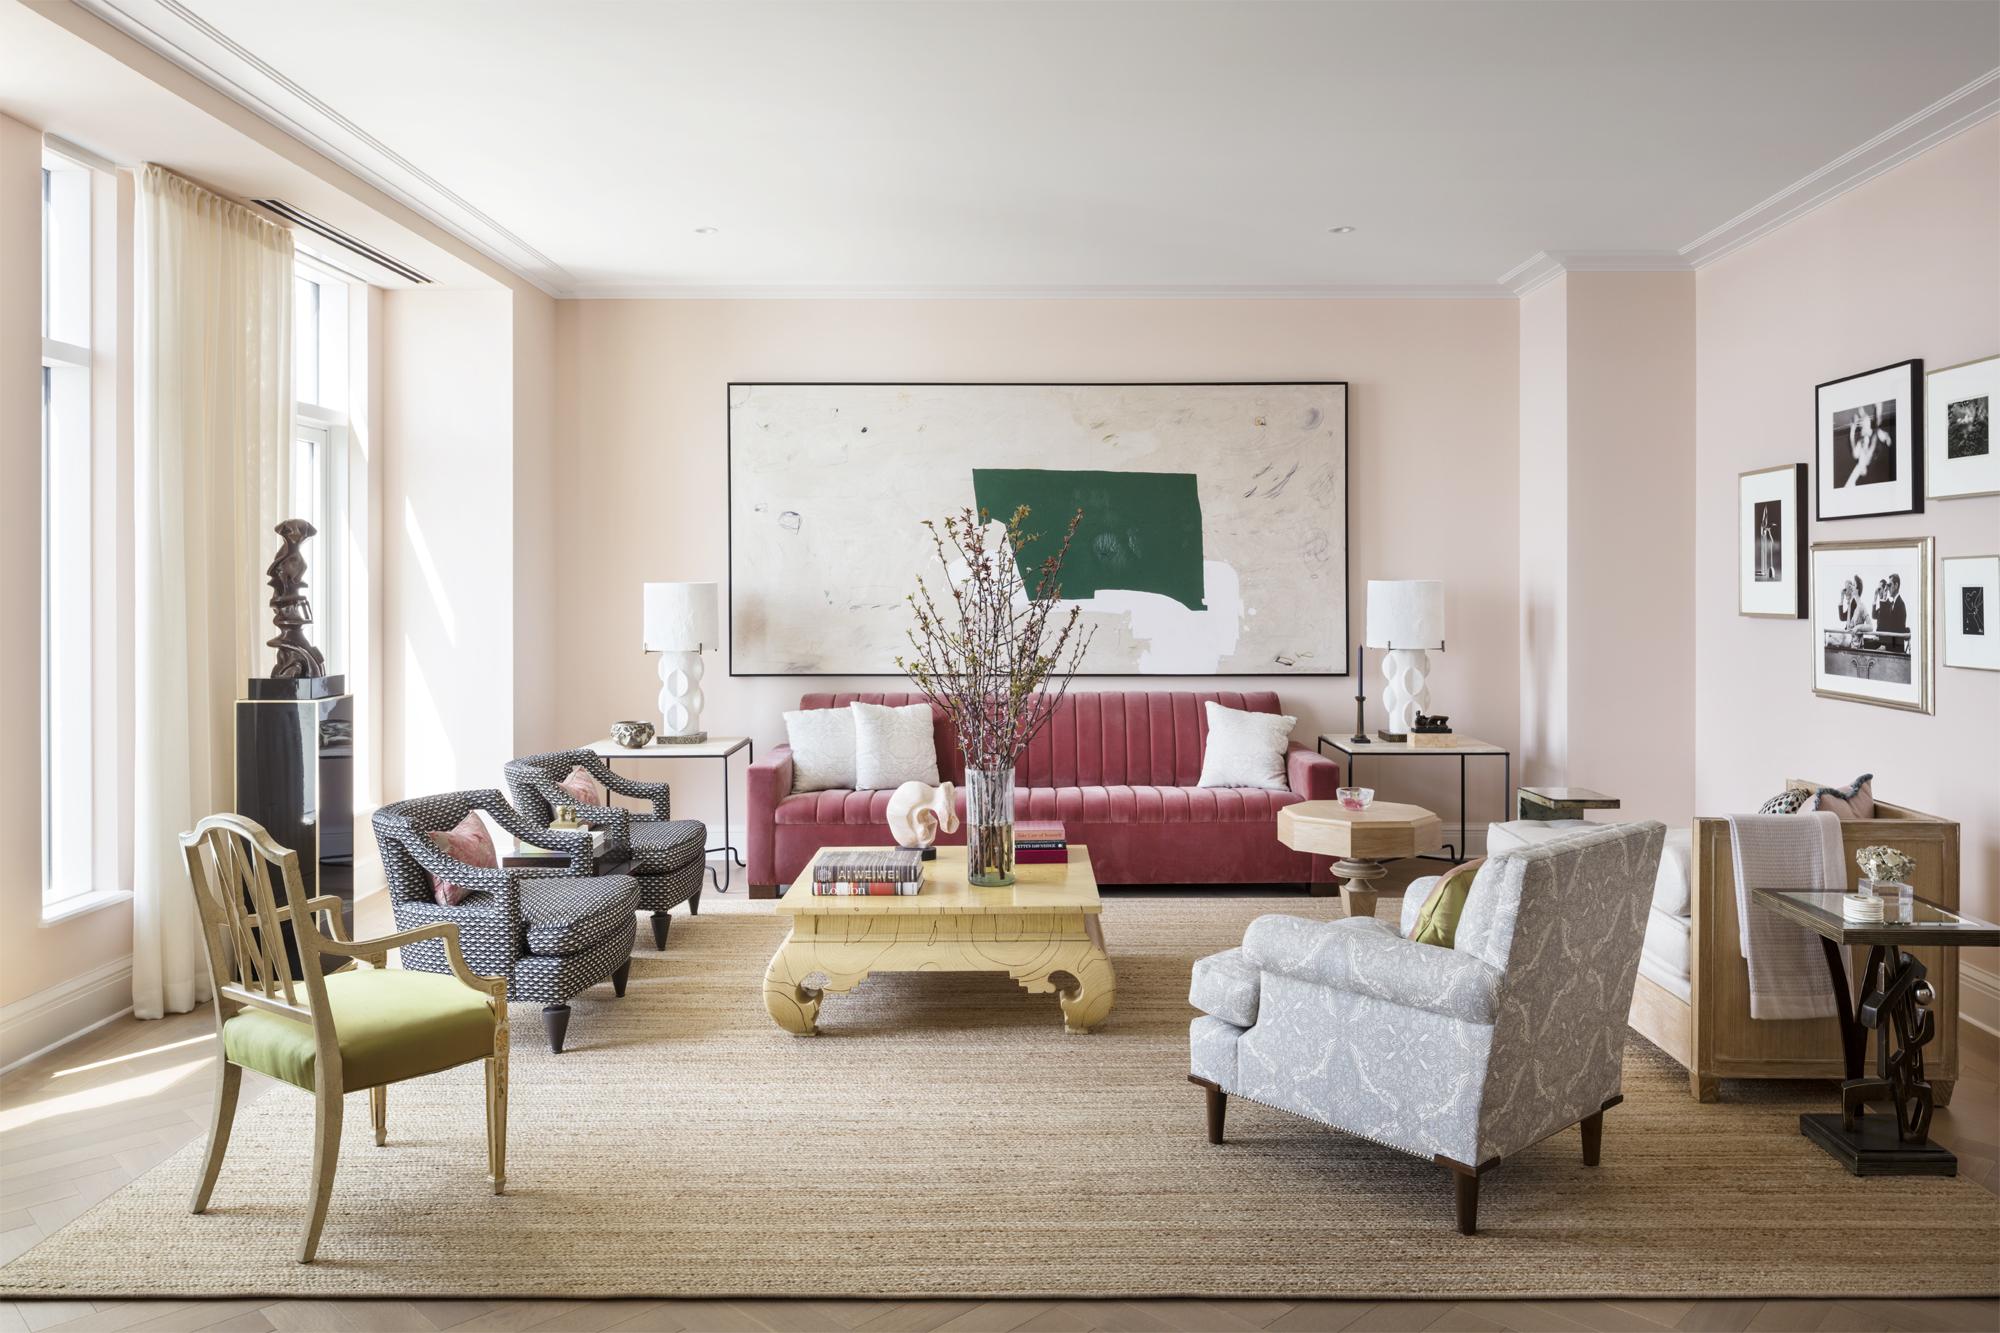 3_One-Bennett-Park-Condominium-5106-Living-Room.jpg